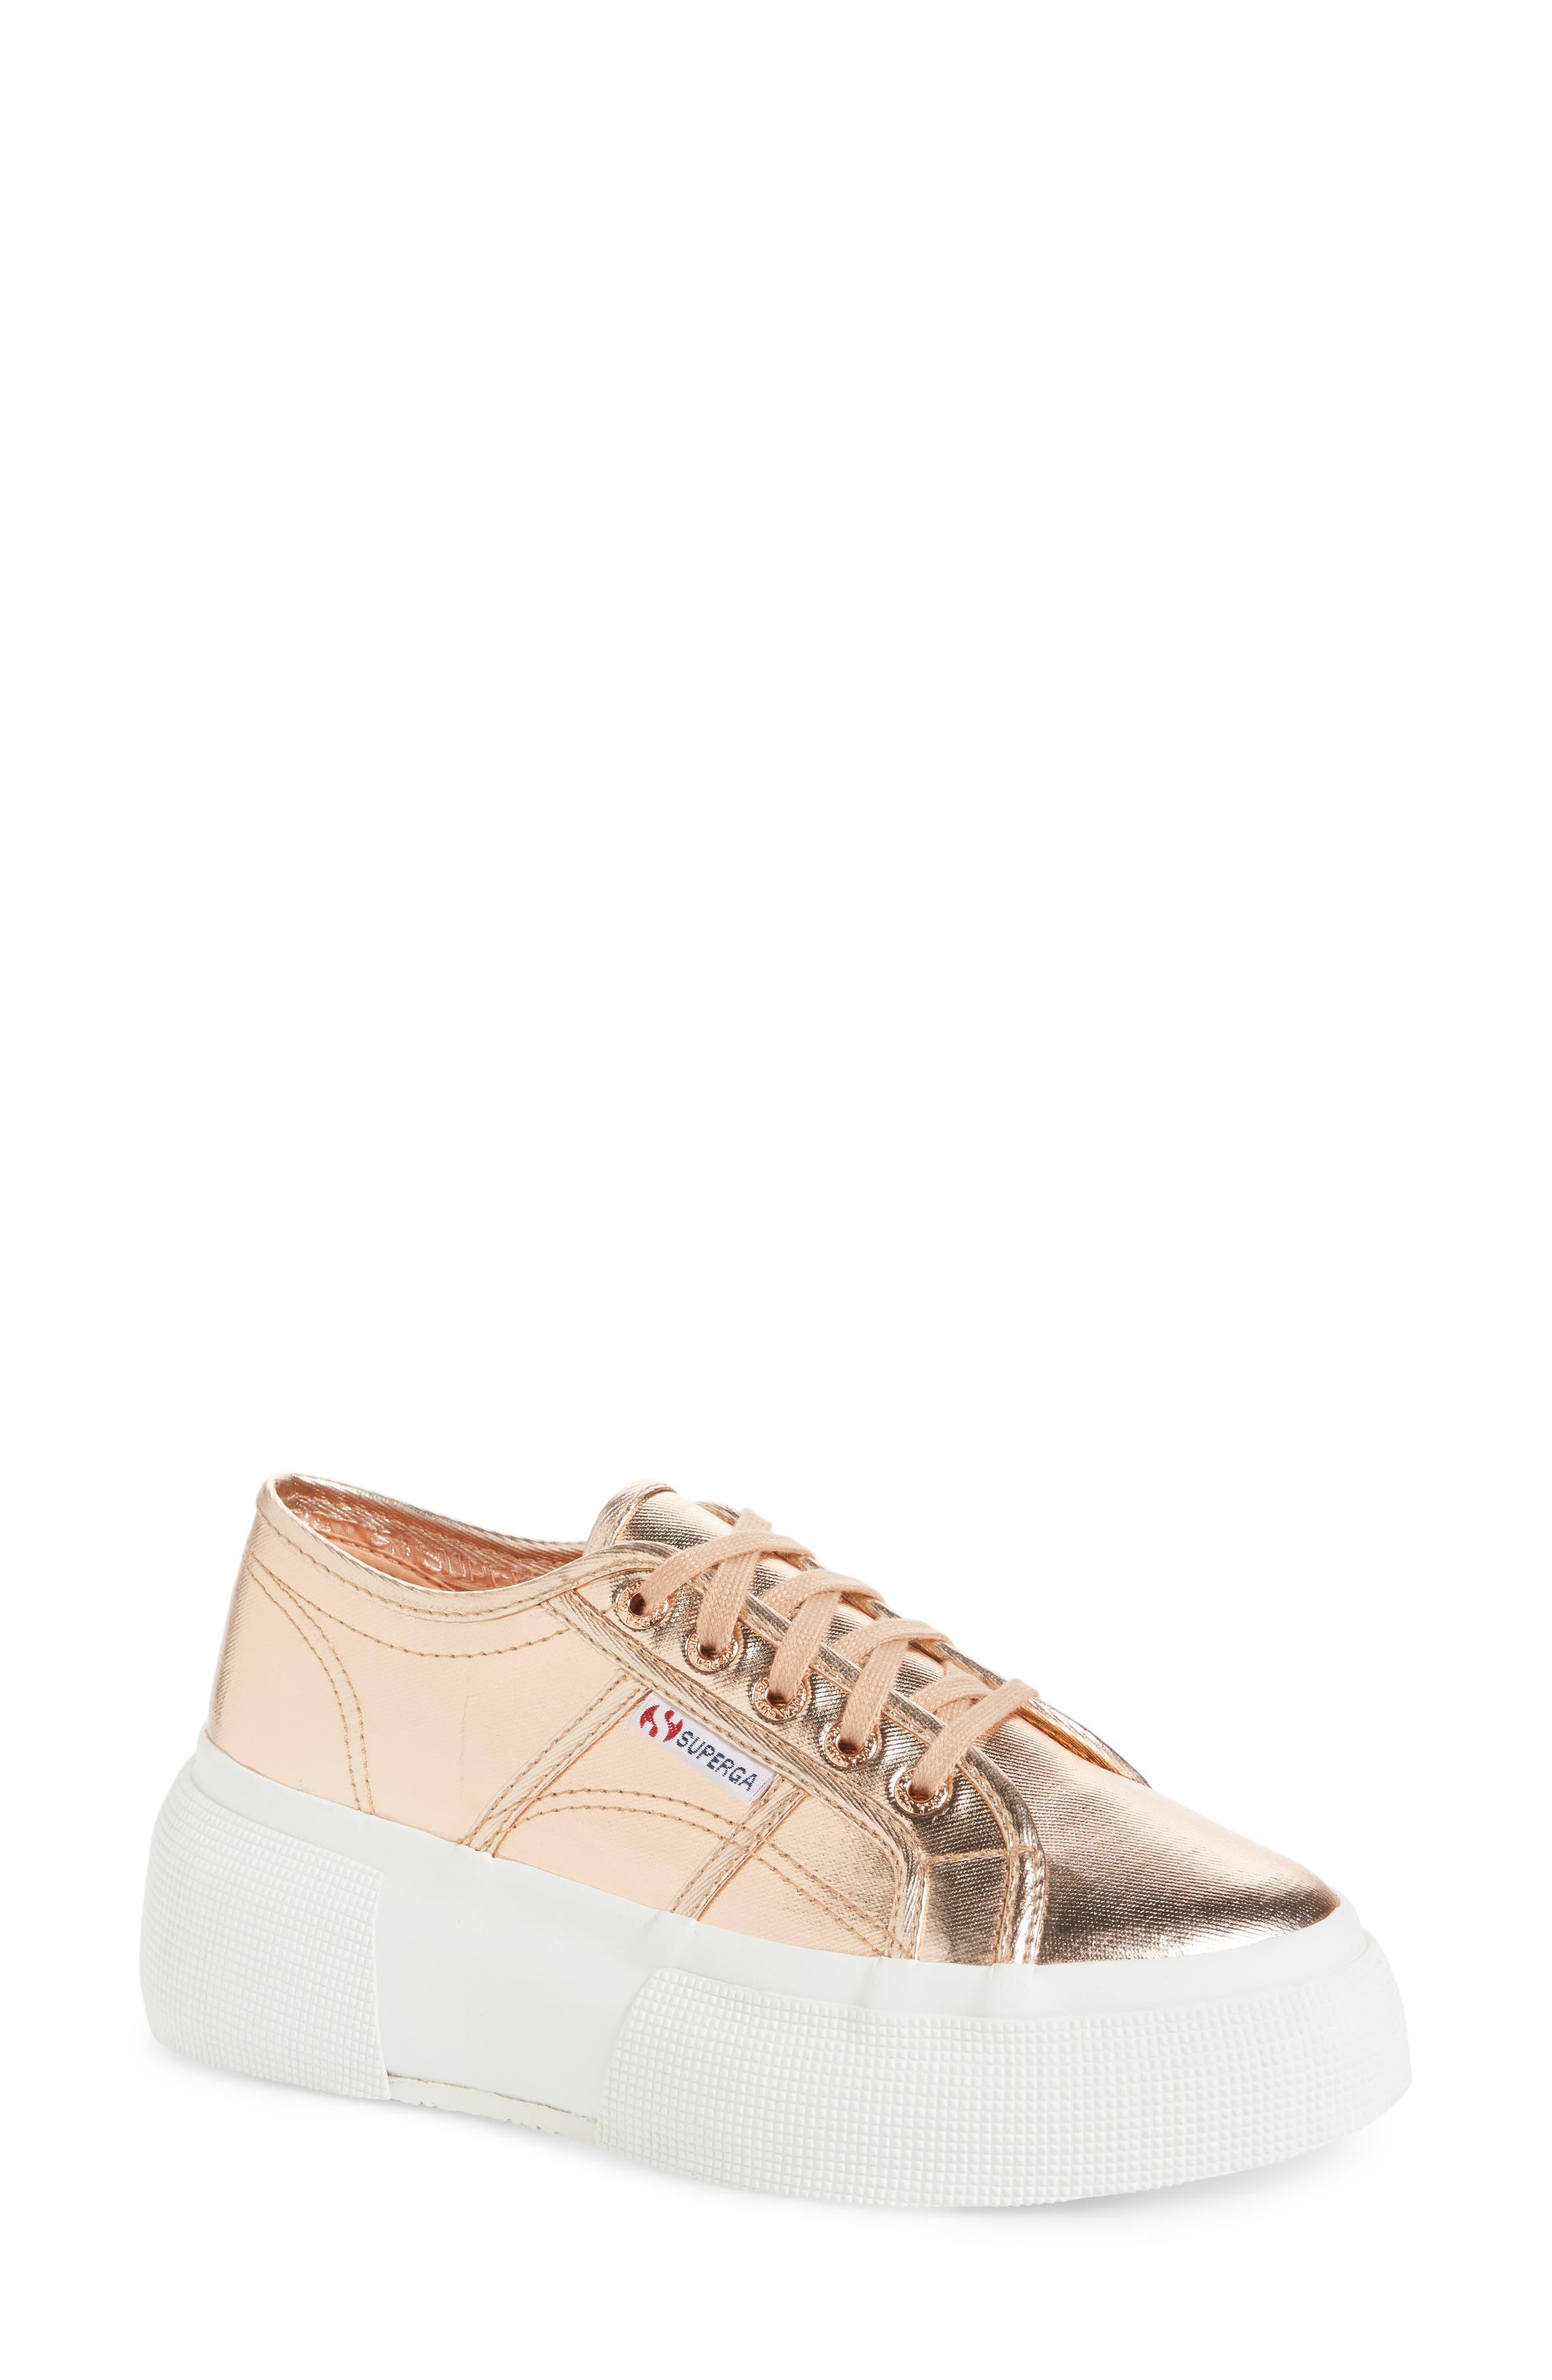 2287 Cotu Platform Sneaker,                             Main thumbnail 2, color,